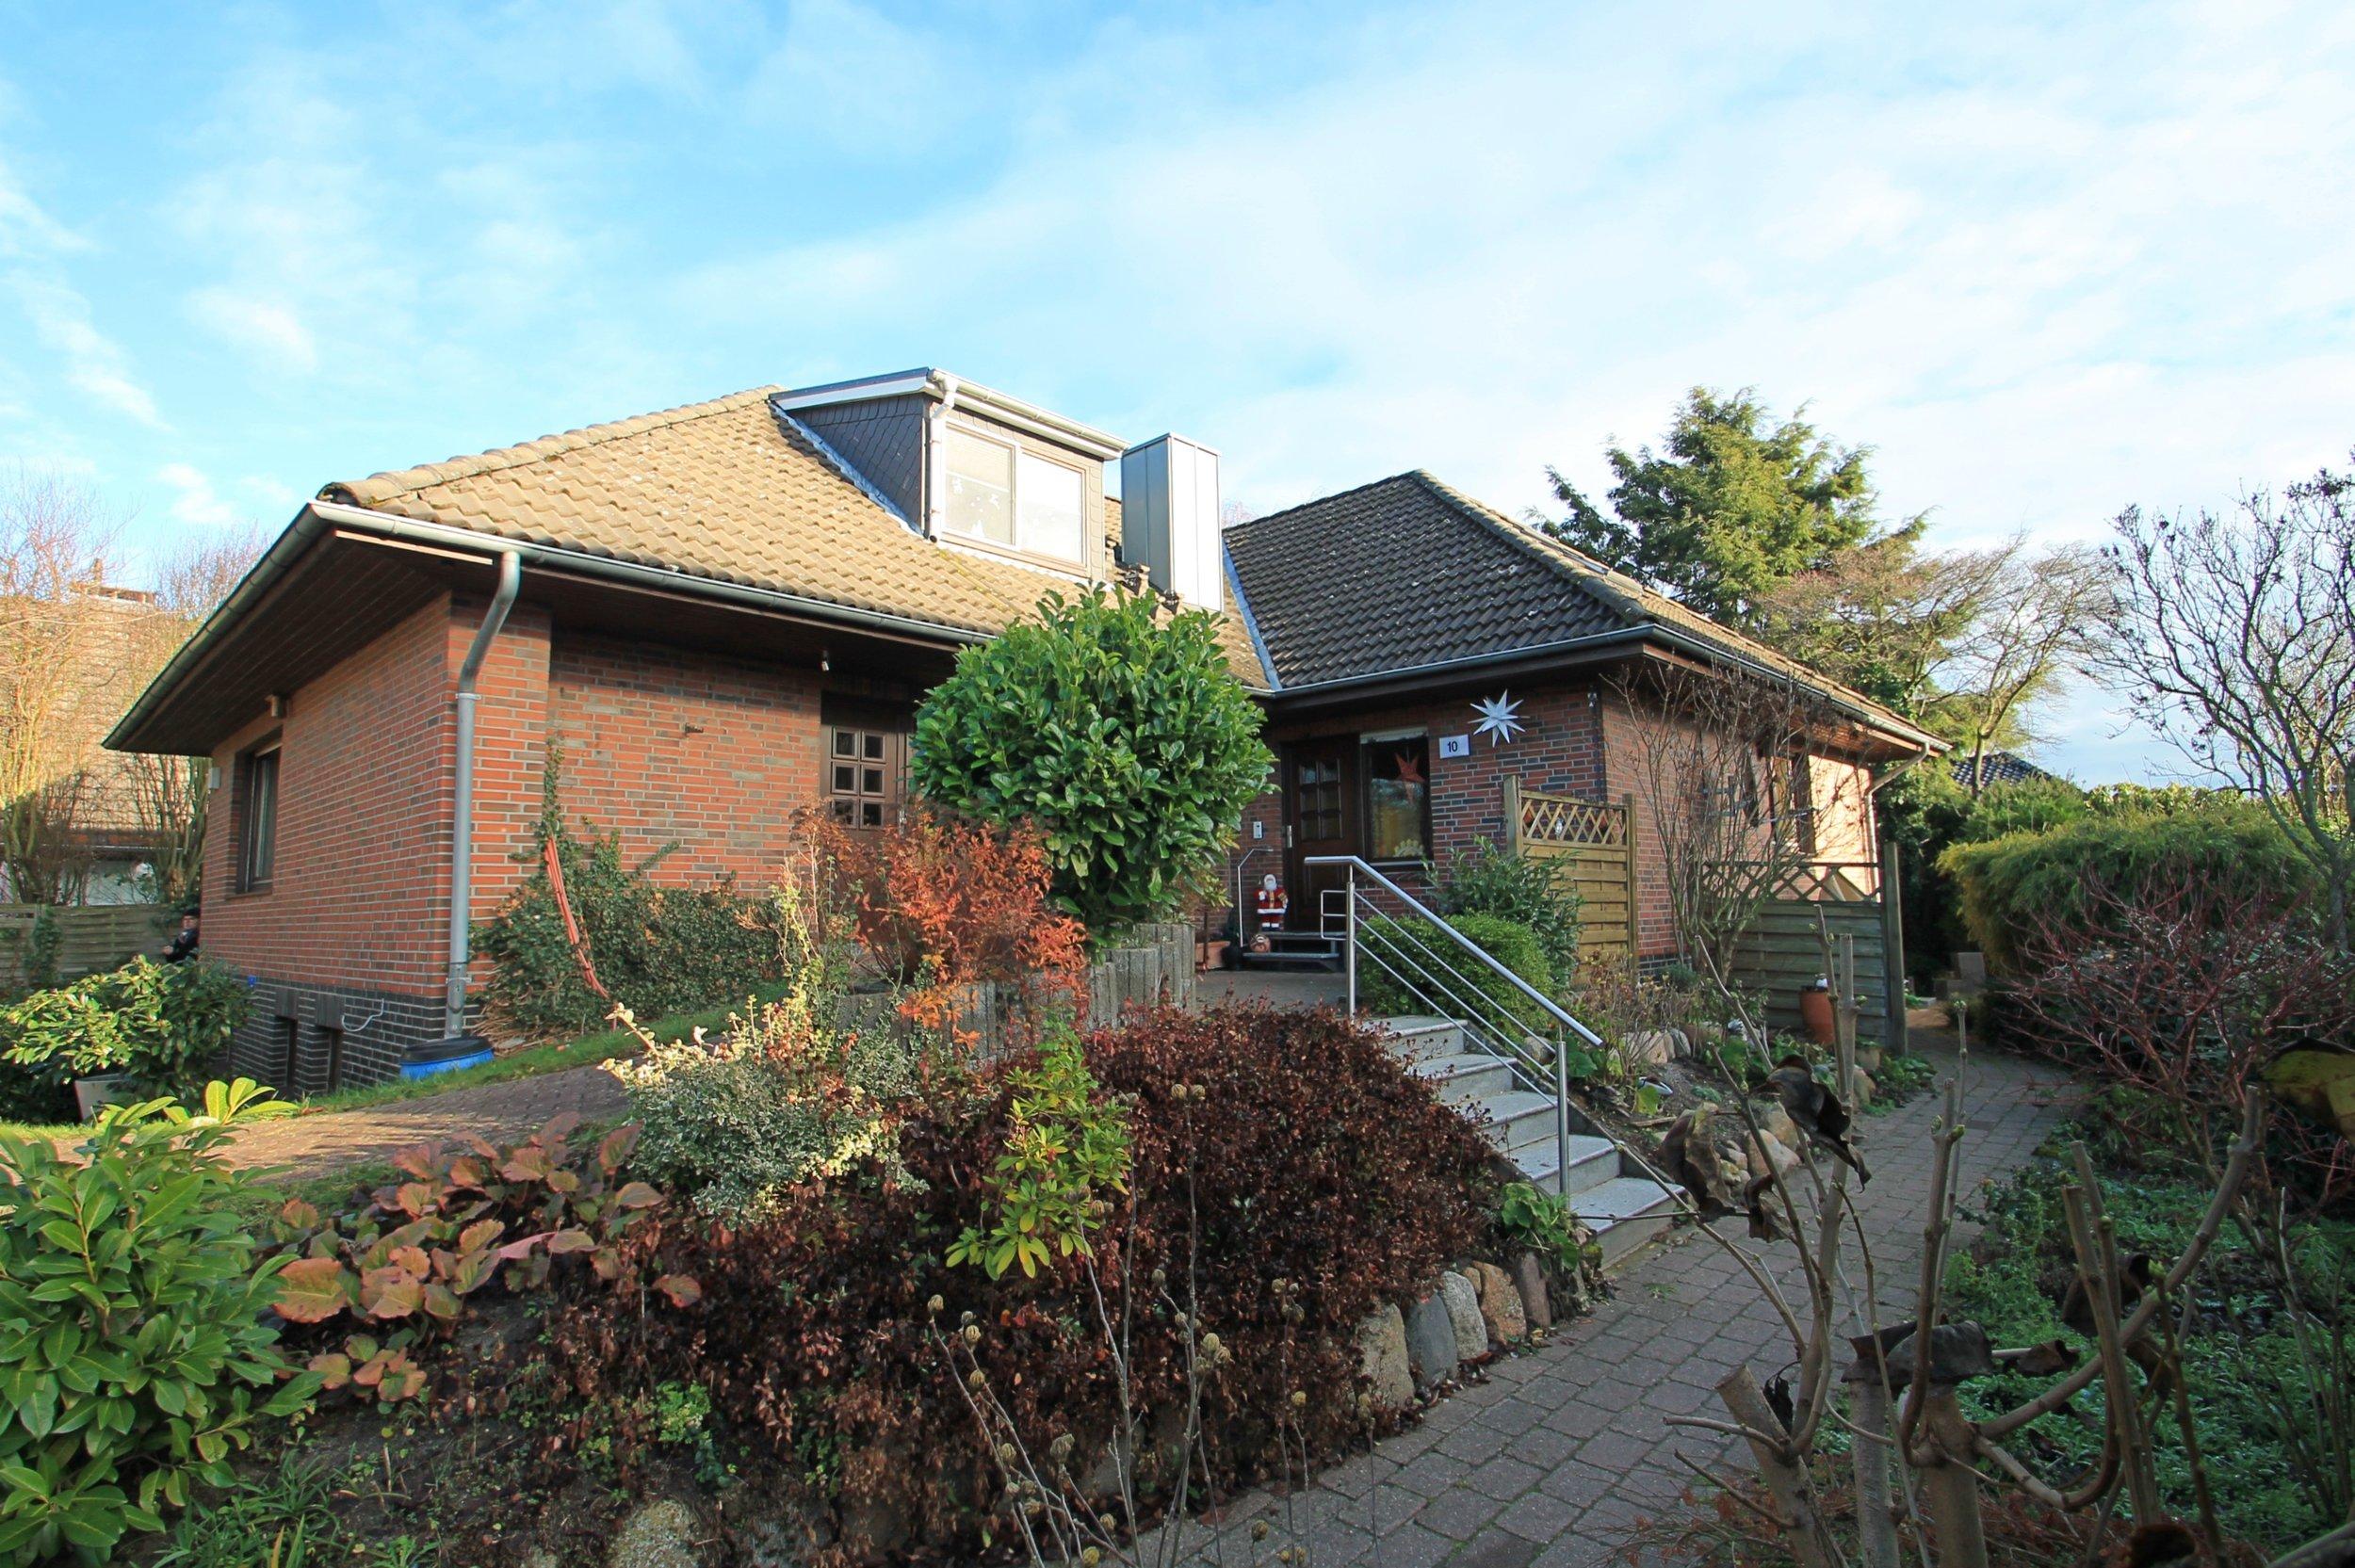 Dachgeschosswohnung - HH-Nettelnburg